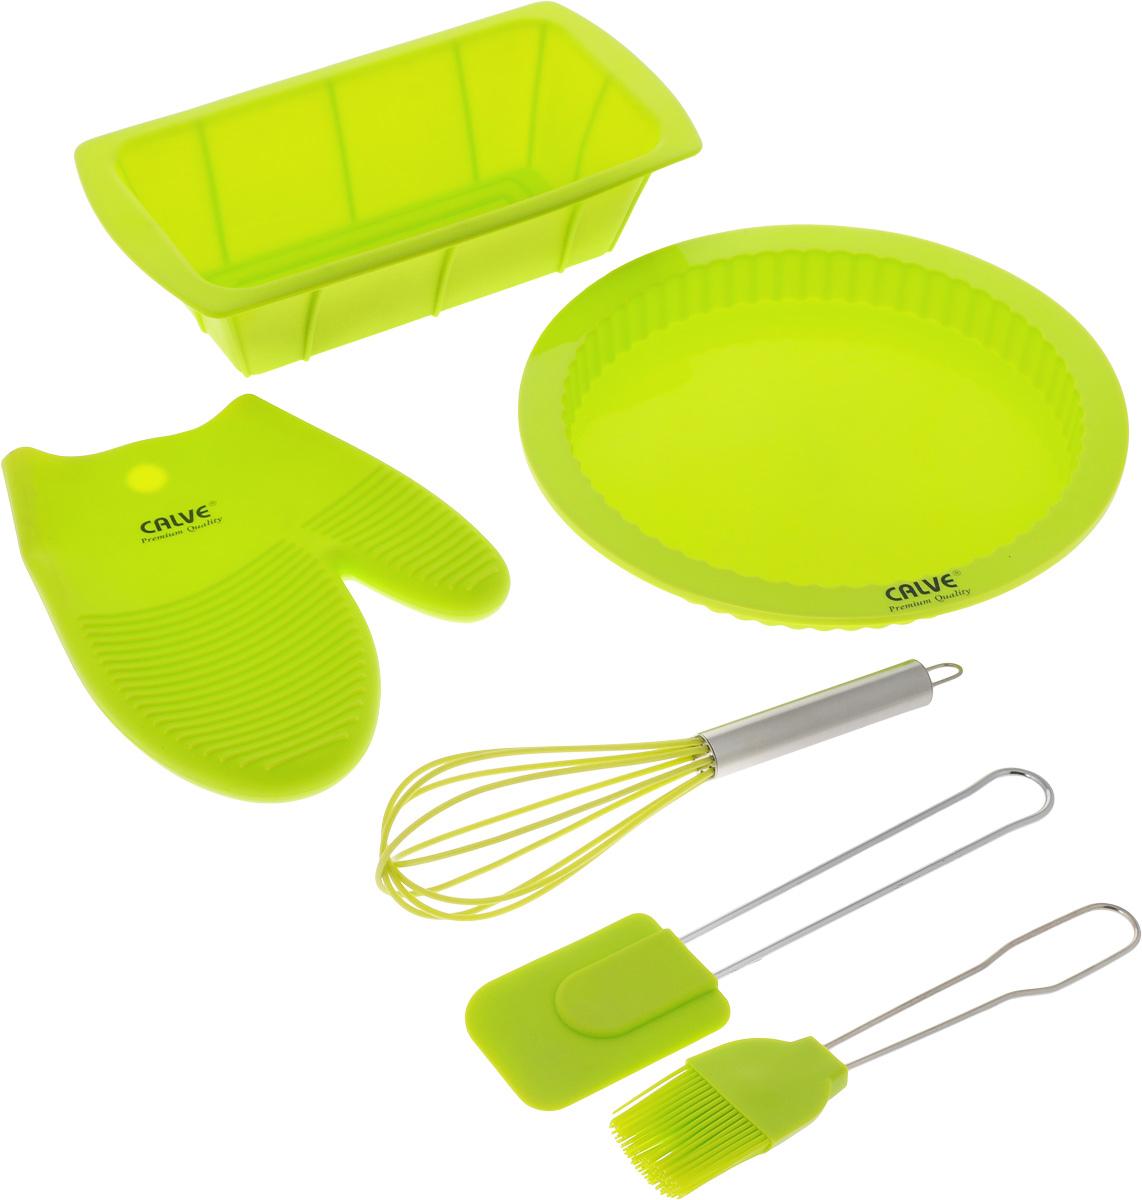 Набор для выпечки Calve, цвет: салатовый, 6 предметовCL-4608Набор для выпечки Calve состоит из формы для пирога, формы для кекса, прихватки-варежки, венчика, лопатки и кисточки. Это самые востребованные приборы для приготовления выпечки. Все предметы набора выполнены из высококачественного и термостойкого силикона. Ручки лопатки, кисточки и венчика выполнены из нержавеющей стали. Изделия безопасны для посуды с антипригарным и керамическим покрытием. Формы для выпечки можно использовать в духовых шкафах и микроволновых печах, морозильных камерах и мыть в посудомоечной машине. Набор для выпечки Calve станет отличным дополнением к коллекции ваших кухонных аксессуаров. Размер формы для кекса: 26 х 14 х 6,5 см. Диаметр формы для пирога: 25,5 см. Размер рабочей поверхности лопатки: 8,5 х 6 х 1 см. Длина лопатки: 25 см. Длина ворса кисти: 4 см. Длина кисти: 21 см. Размер прихватки-варежки: 22 х 17 х 2 см. Размер венчика: 7 х 7 х 25 см.